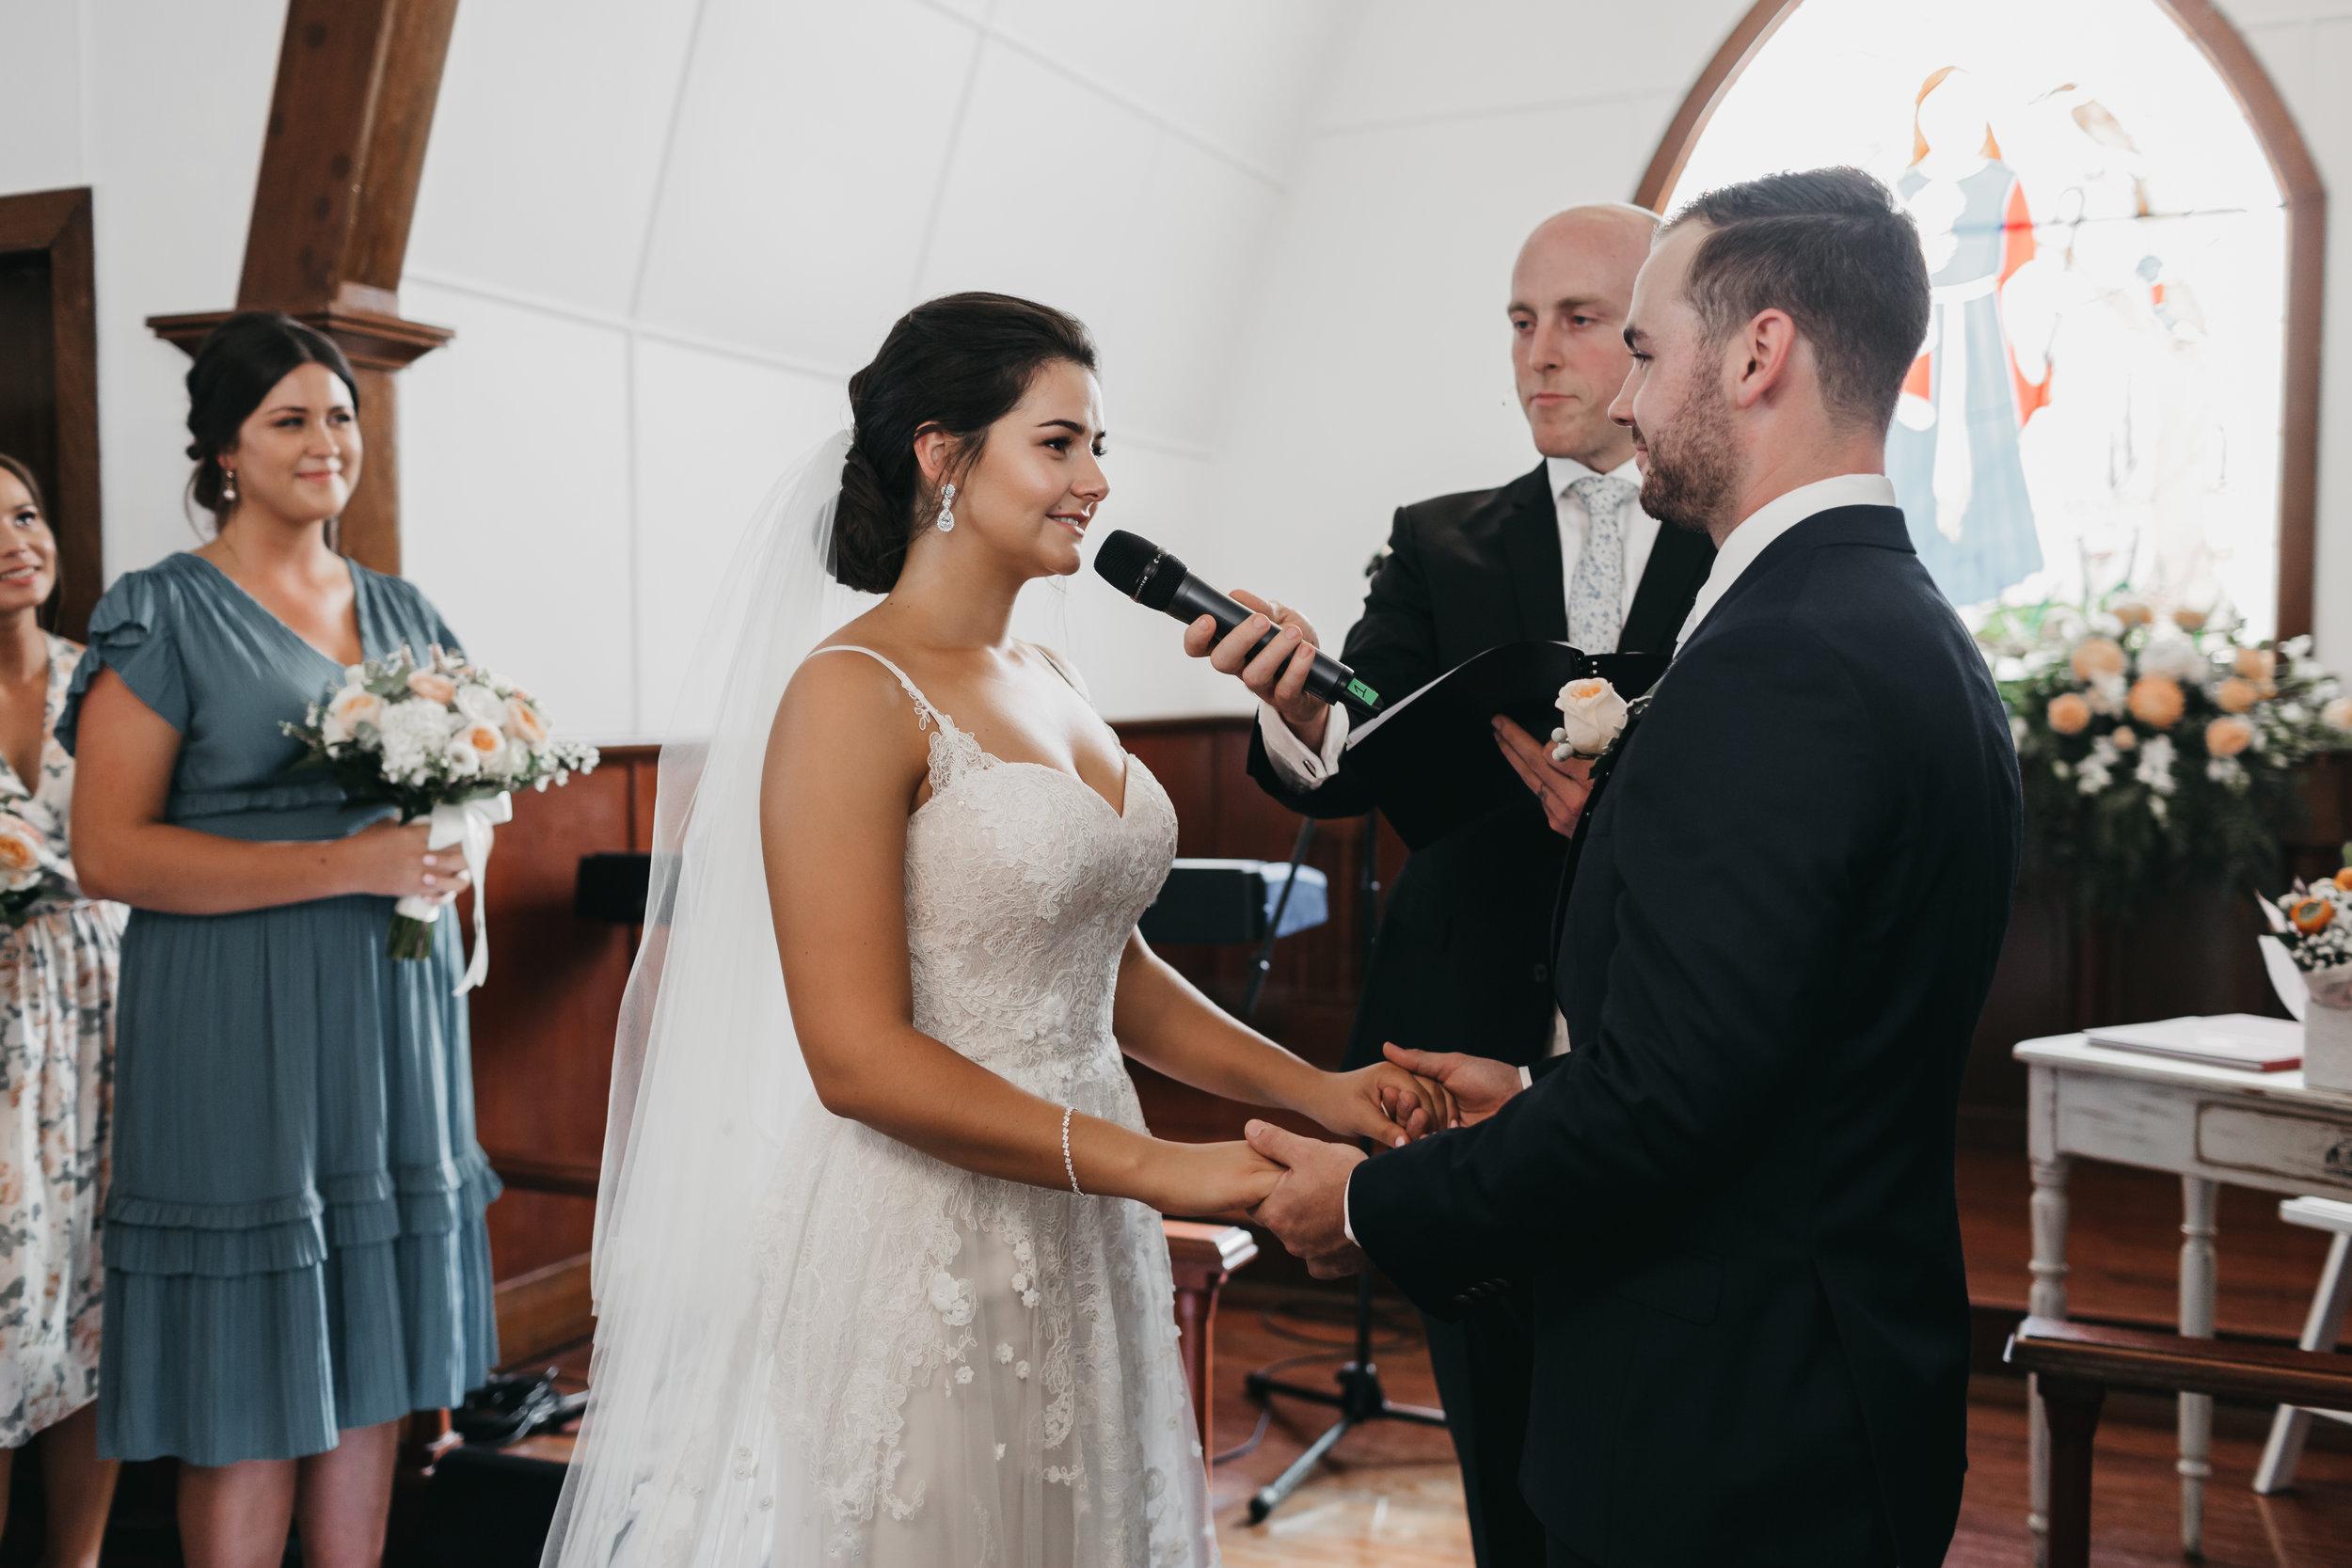 missendenwedding-318.jpg